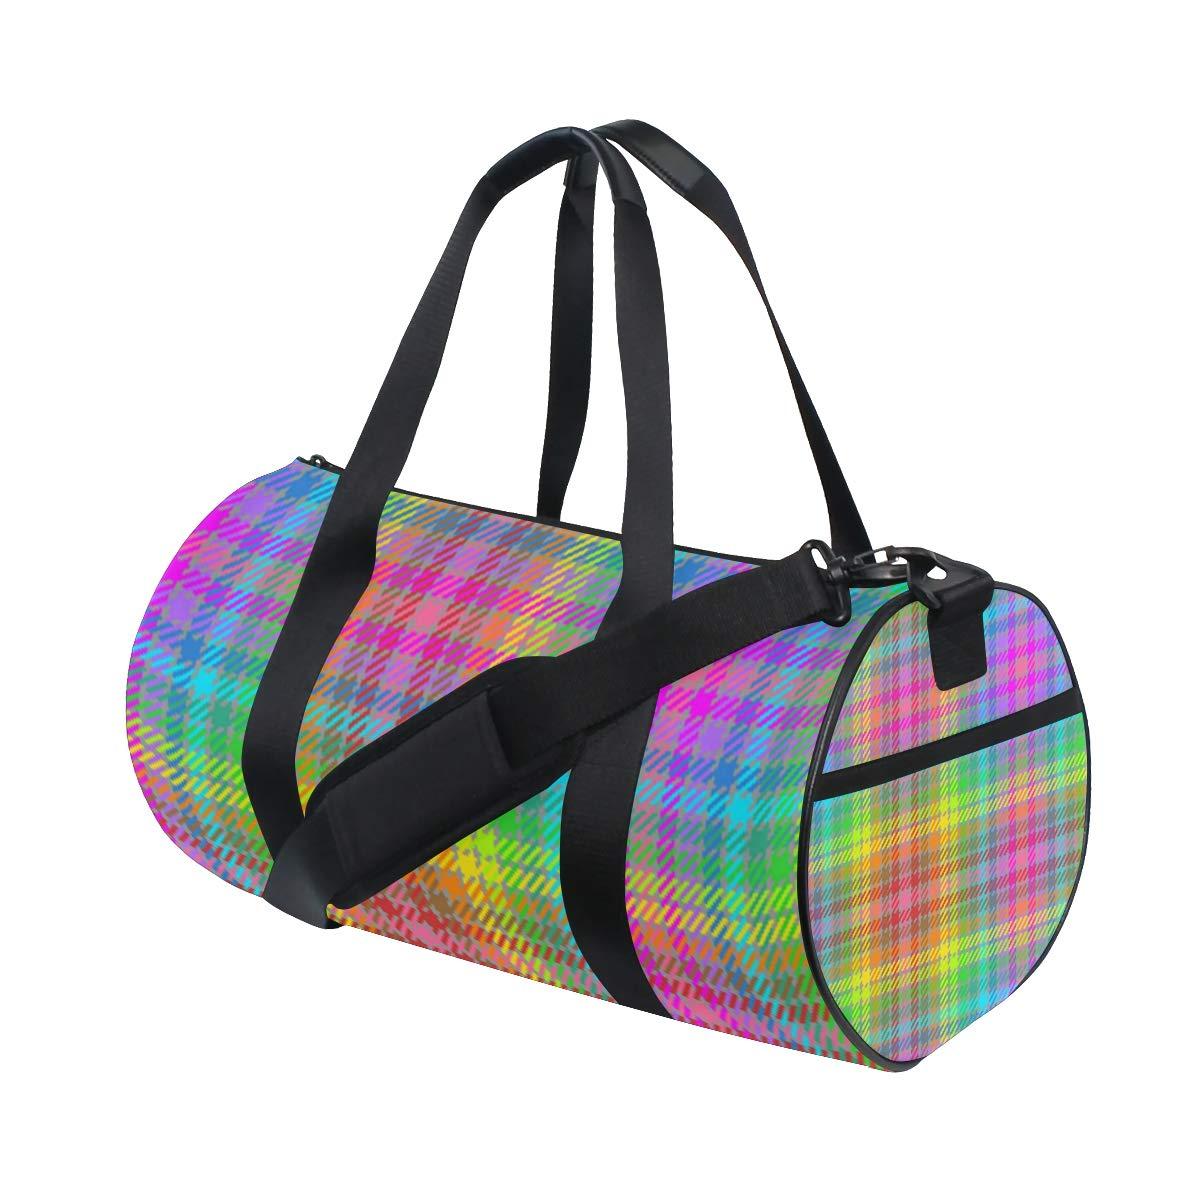 Sports Gym Duffel Barrel Bag Rainbow Crayons Tartan Travel Luggage Handbag for Men Women